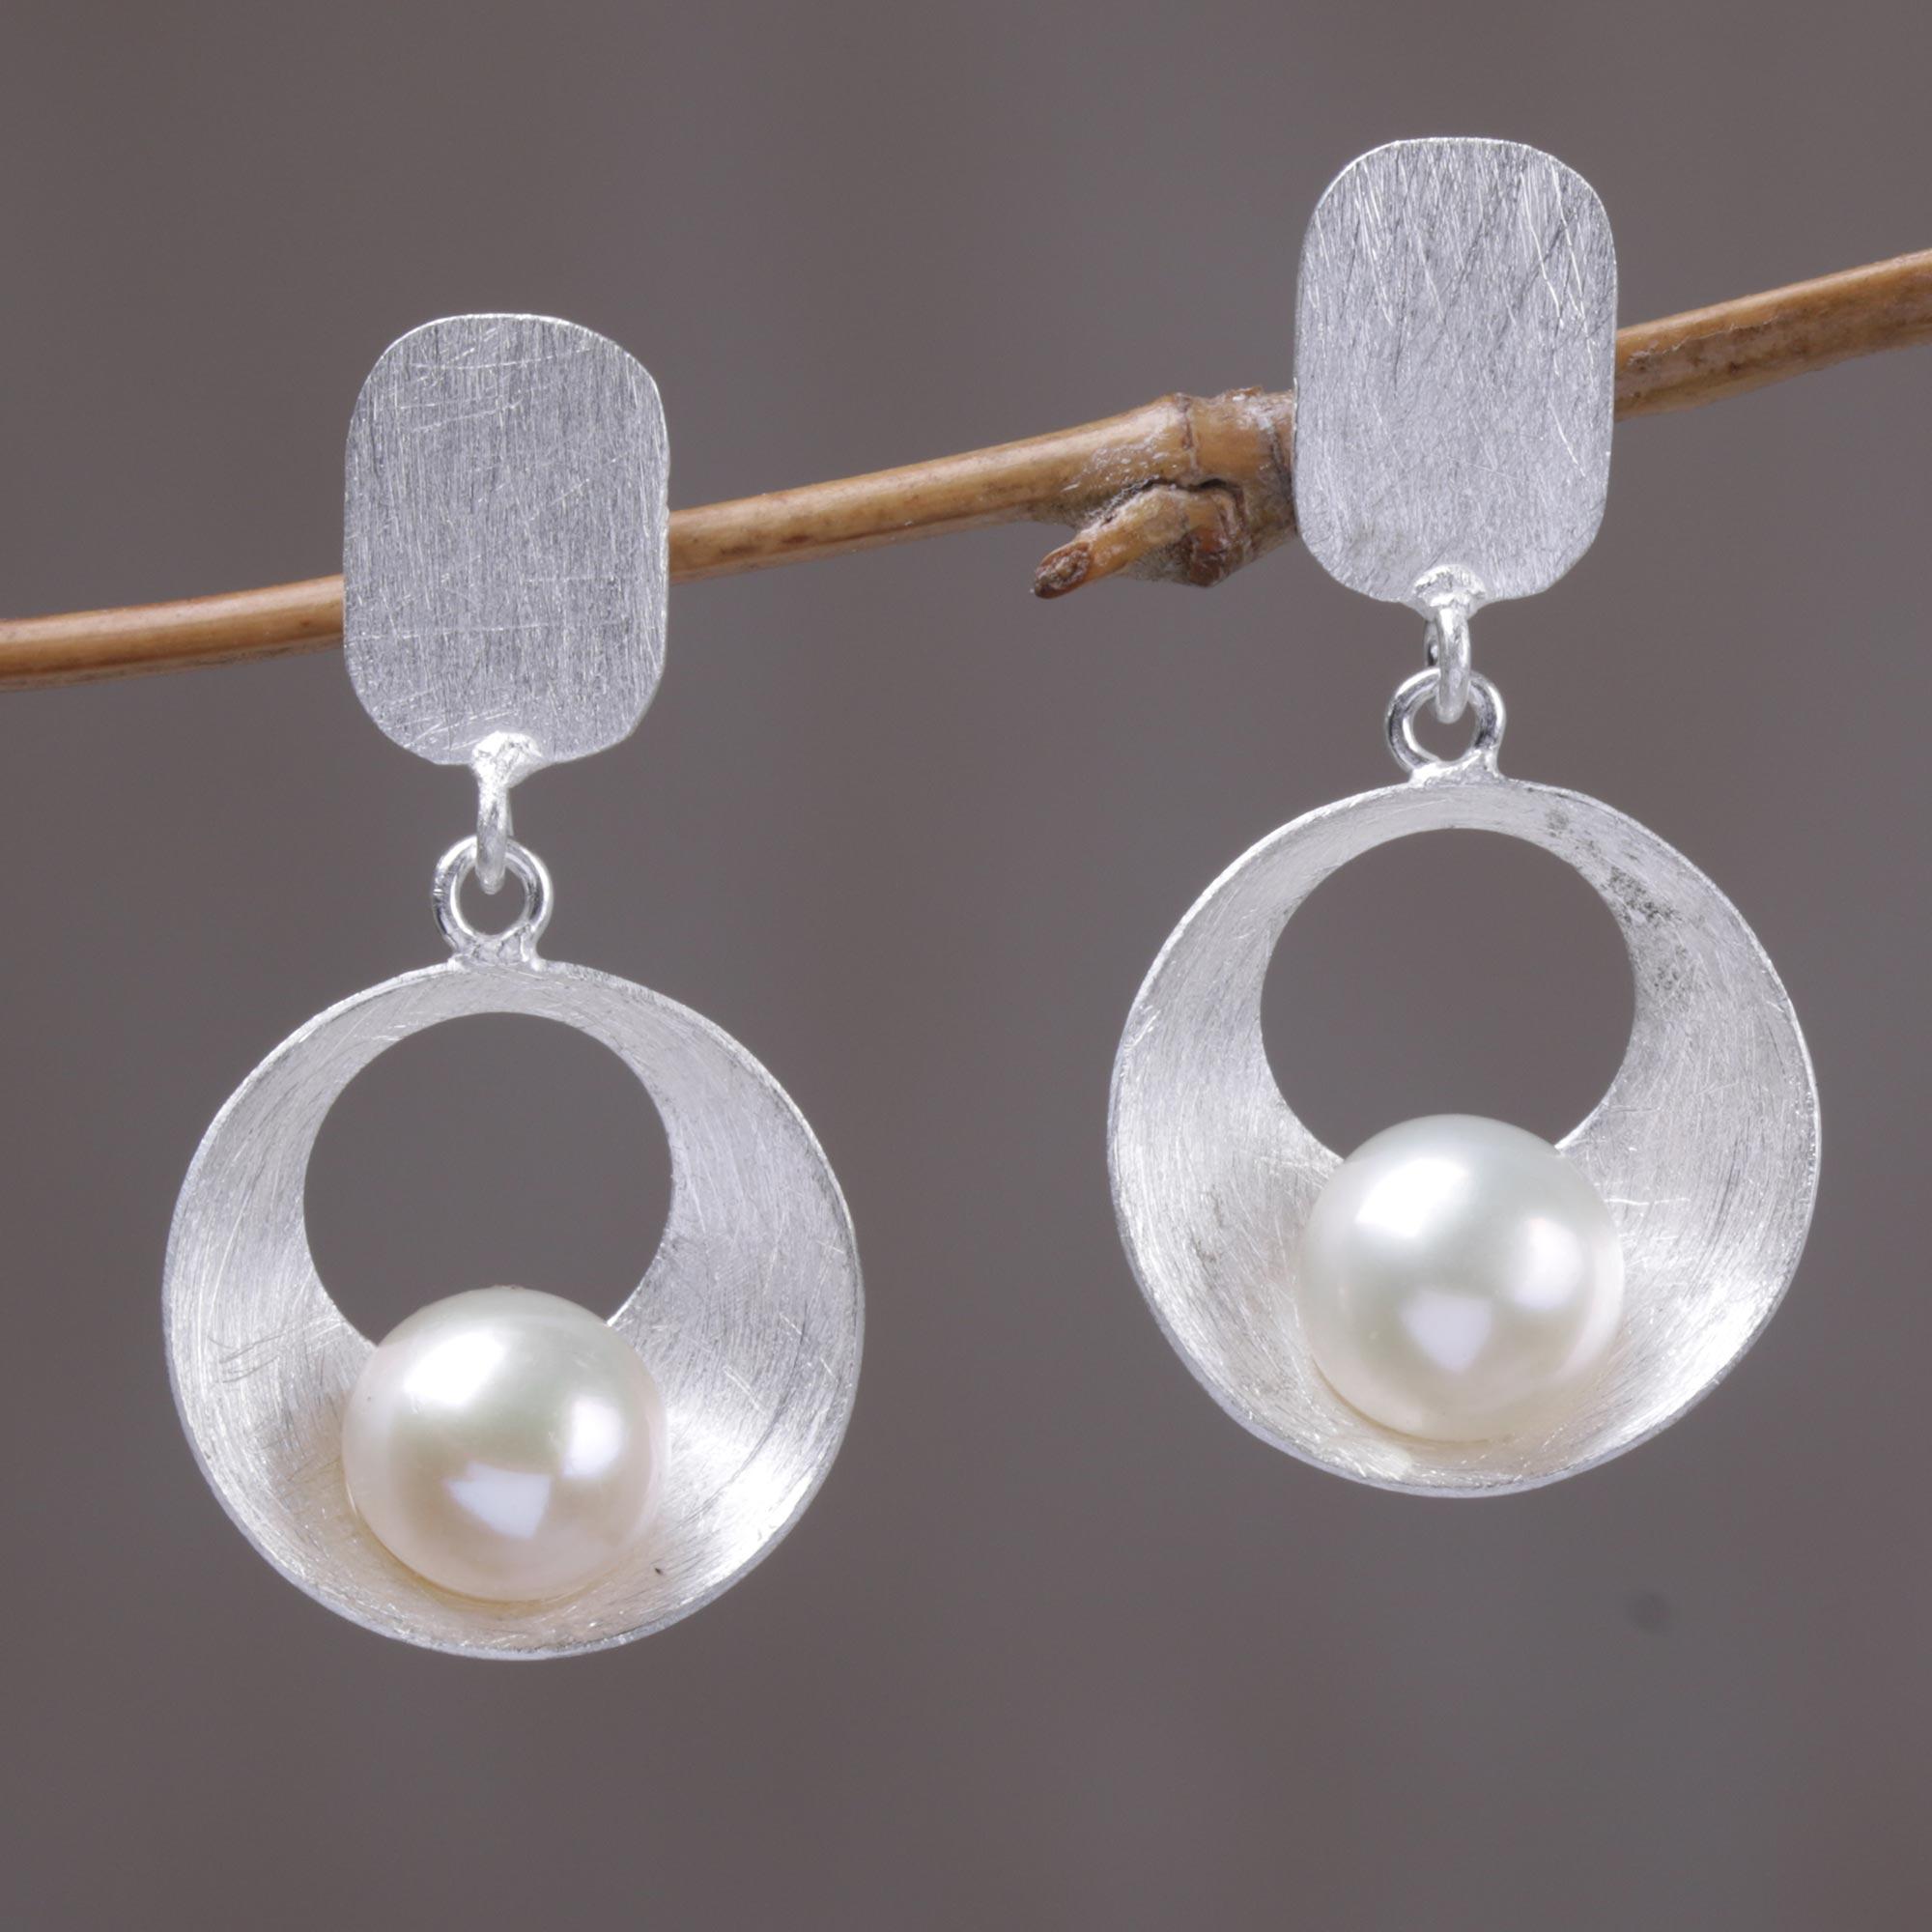 Vortex Sterling Silver Earrings